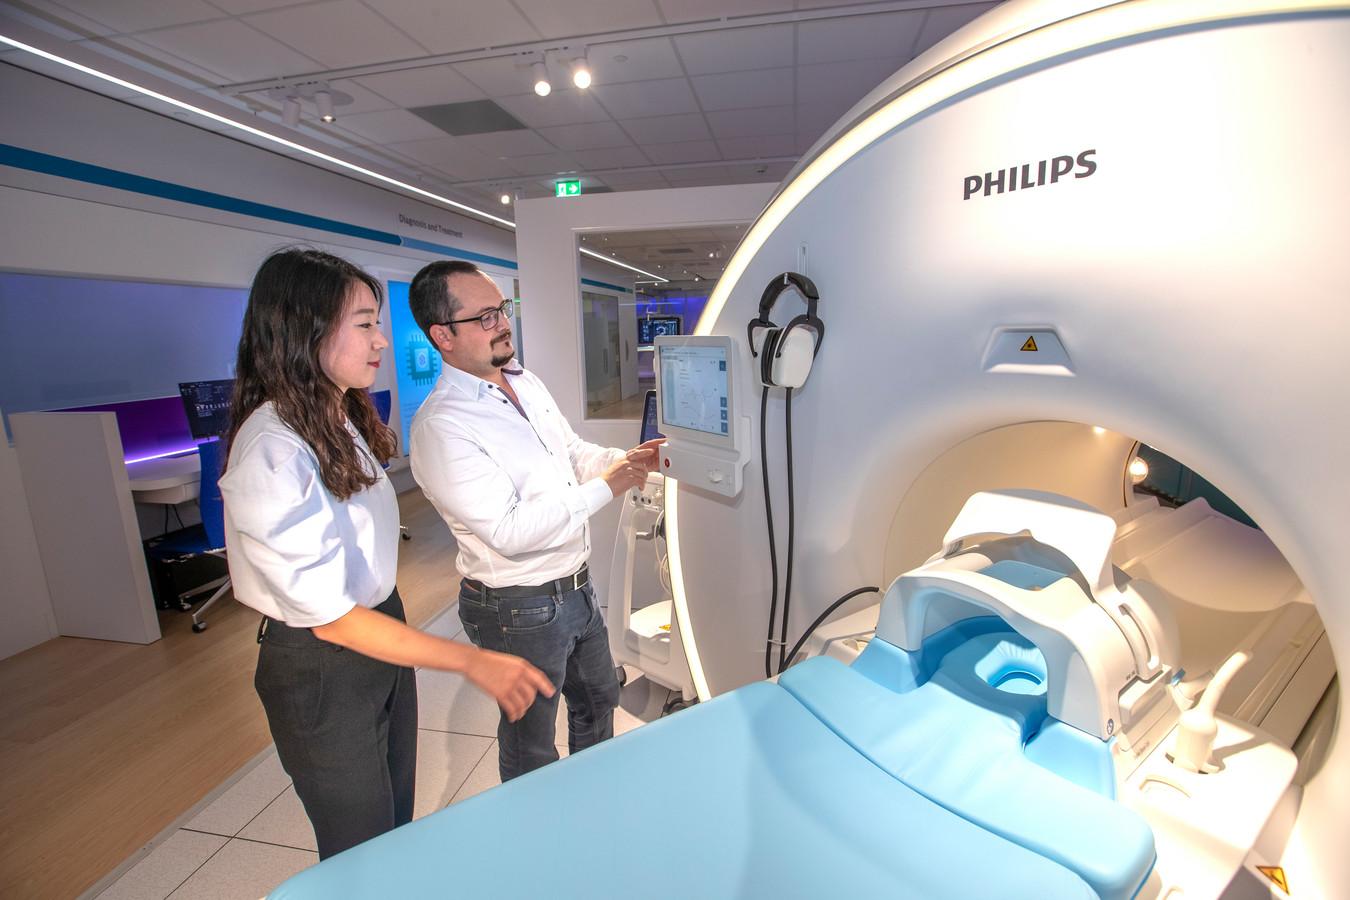 Hyelin Lee en Florian Boulanger van Philips Health Care gaan tijdens de DDW hun ontwerpen van een MRI-scanner presenteren.